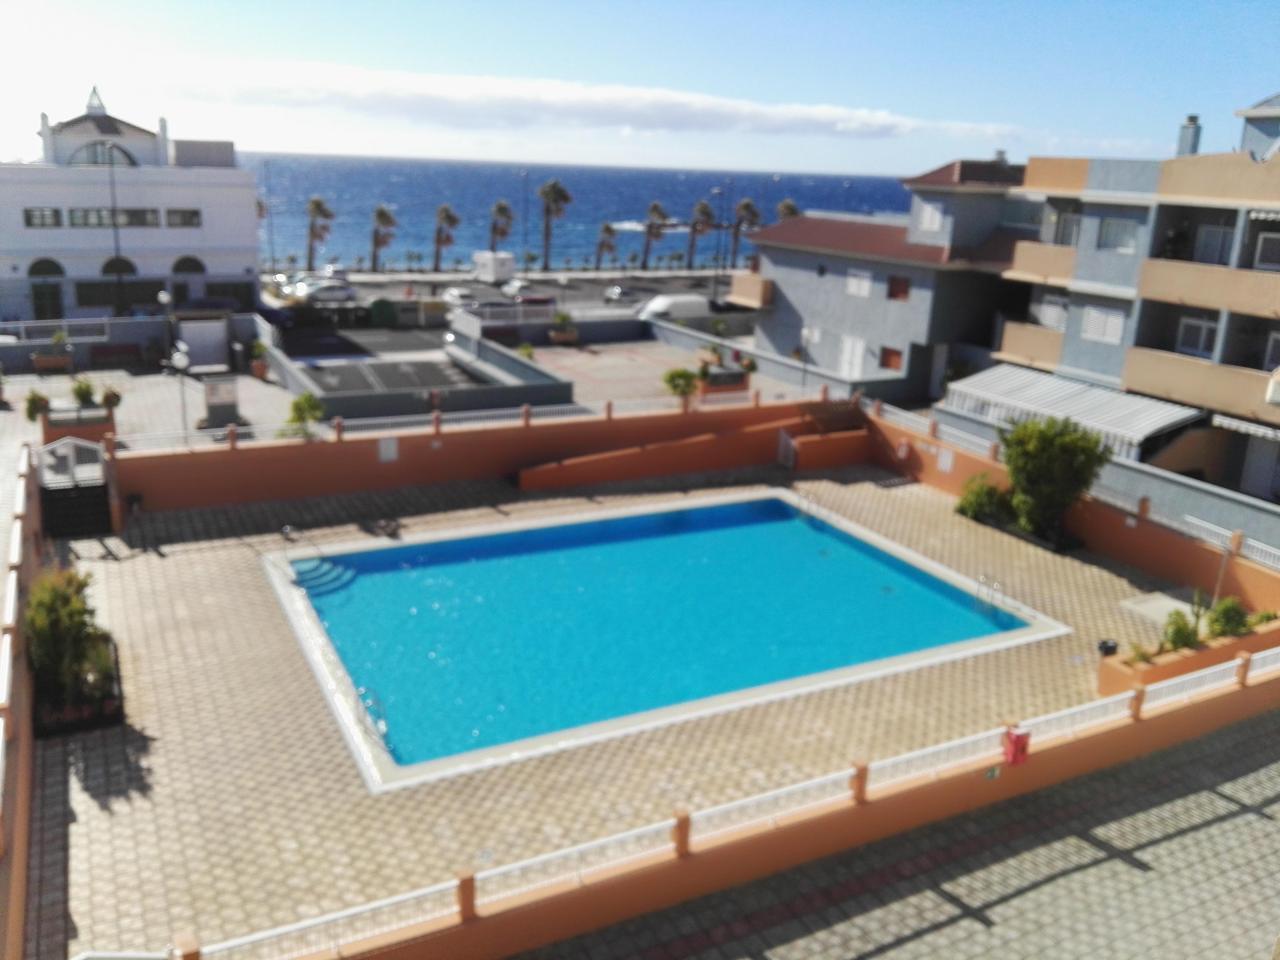 Alquiler vacaciones en Puertito de Güímar, Santa Cruz de Tenerife